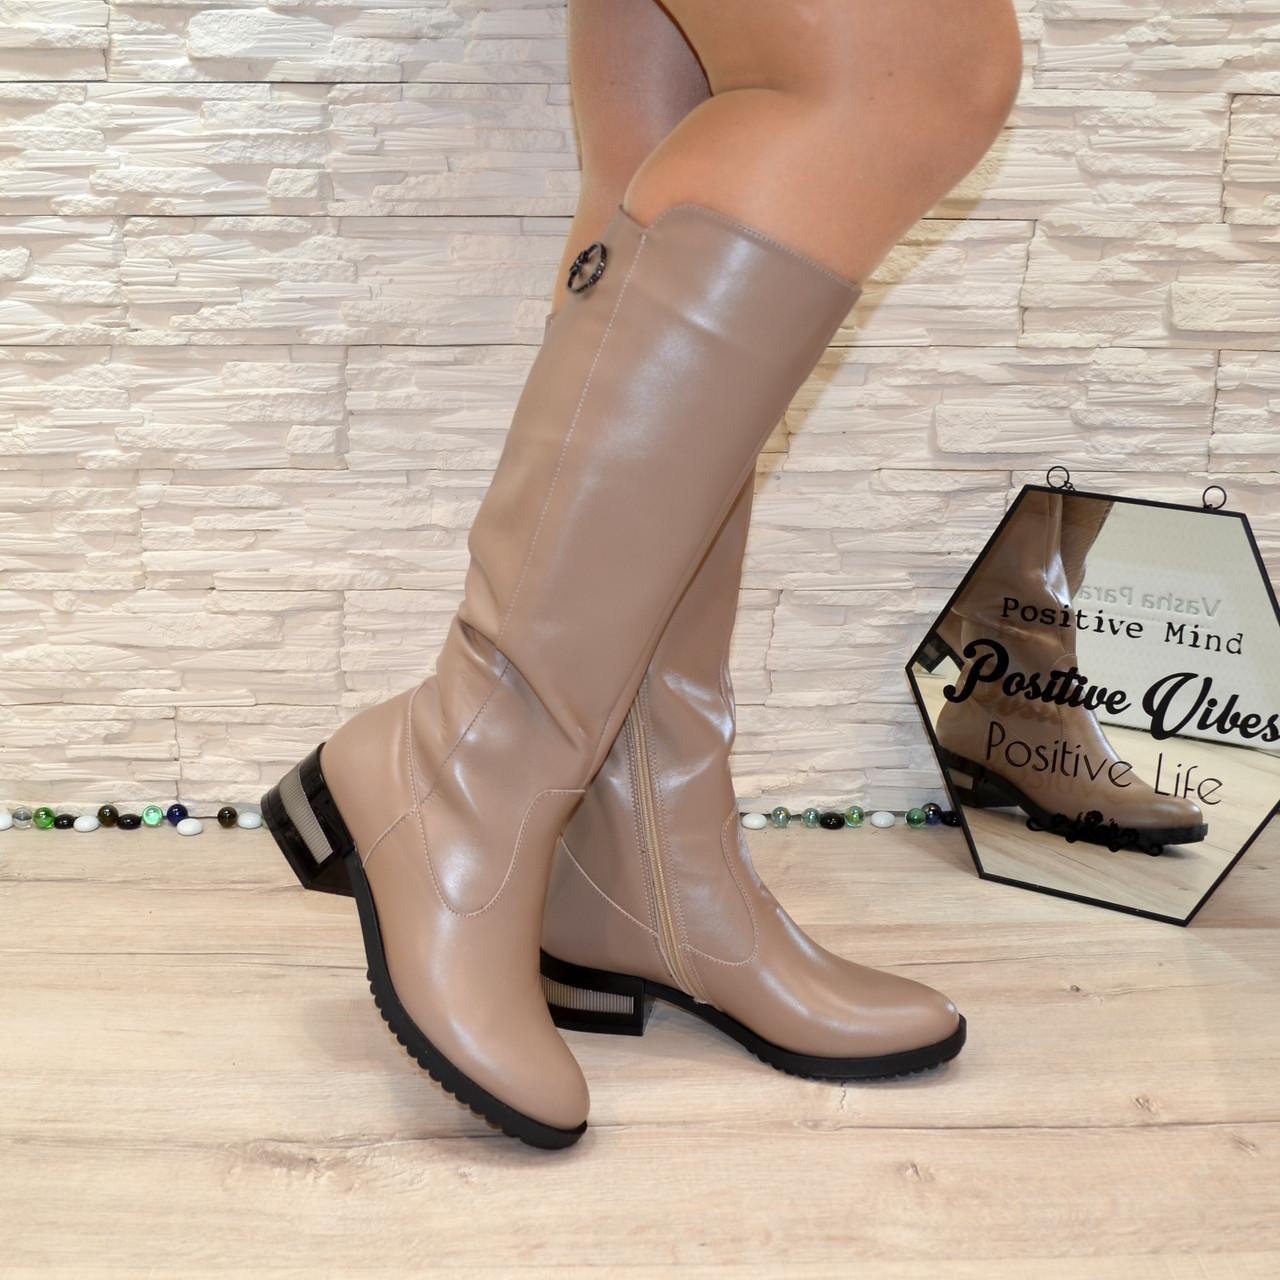 Сапоги женские демисезонные на невысоком устойчивом каблуке, цвет визон